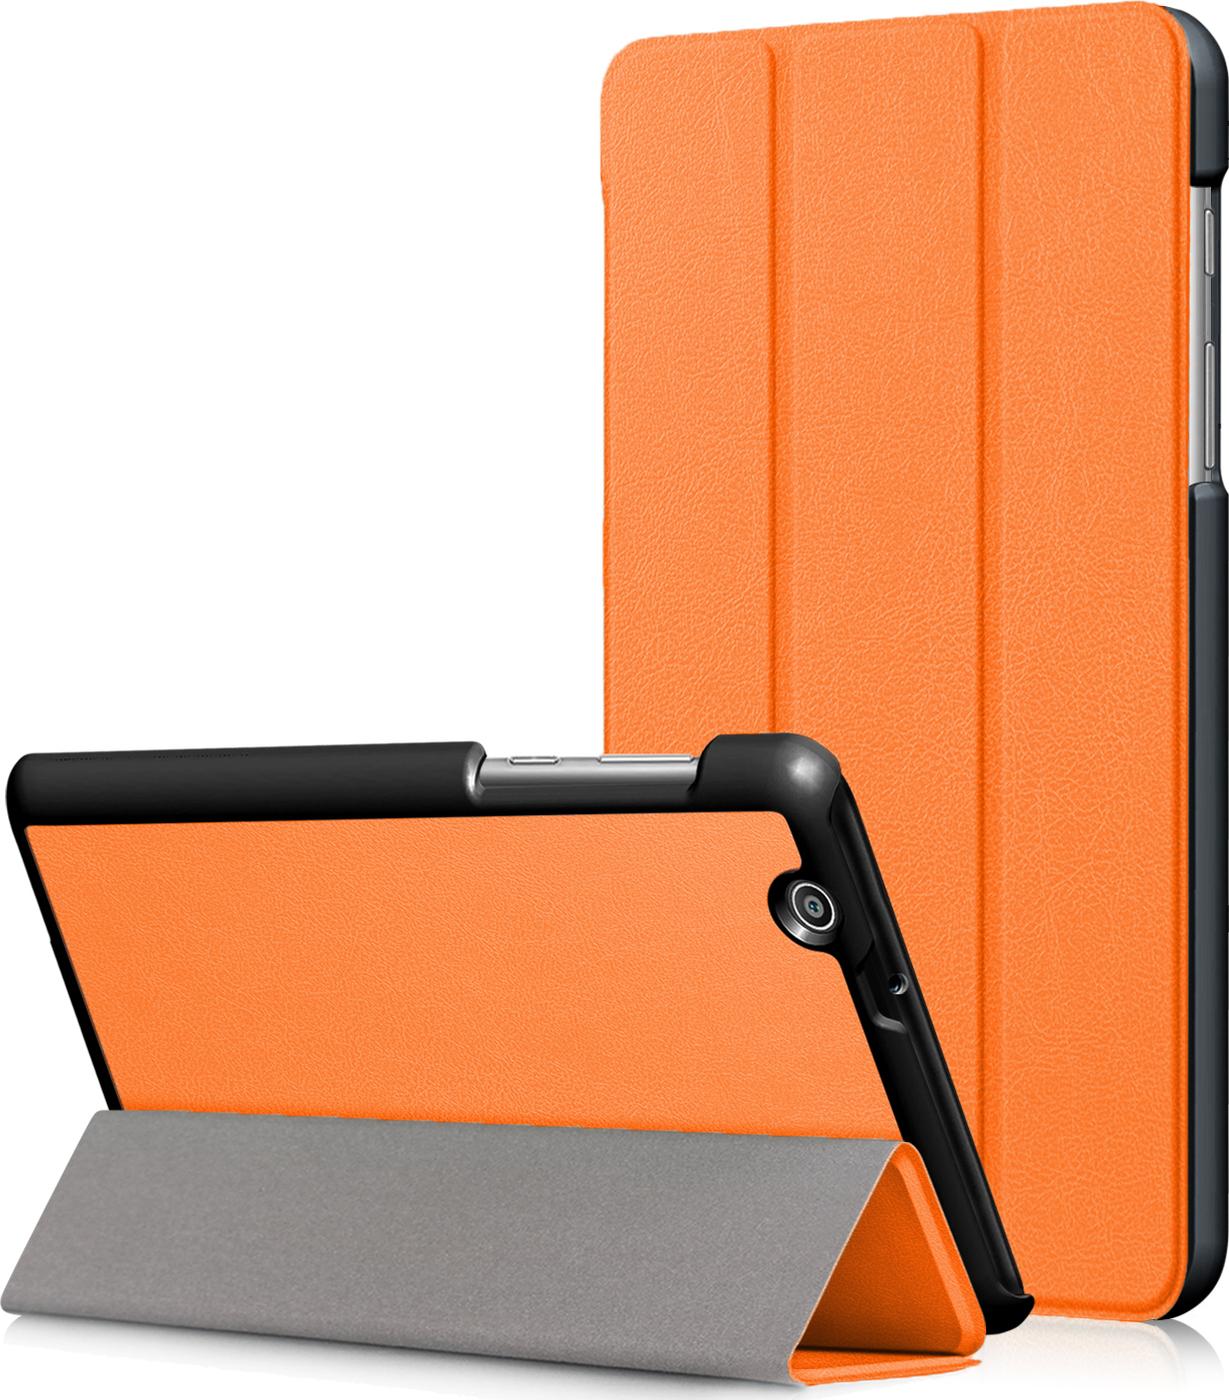 Чехол-обложка MyPads для Asus ZenPad C 7.0 Z170C тонкий умный кожаный на пластиковой основе с трансформацией в подставку оранжевый